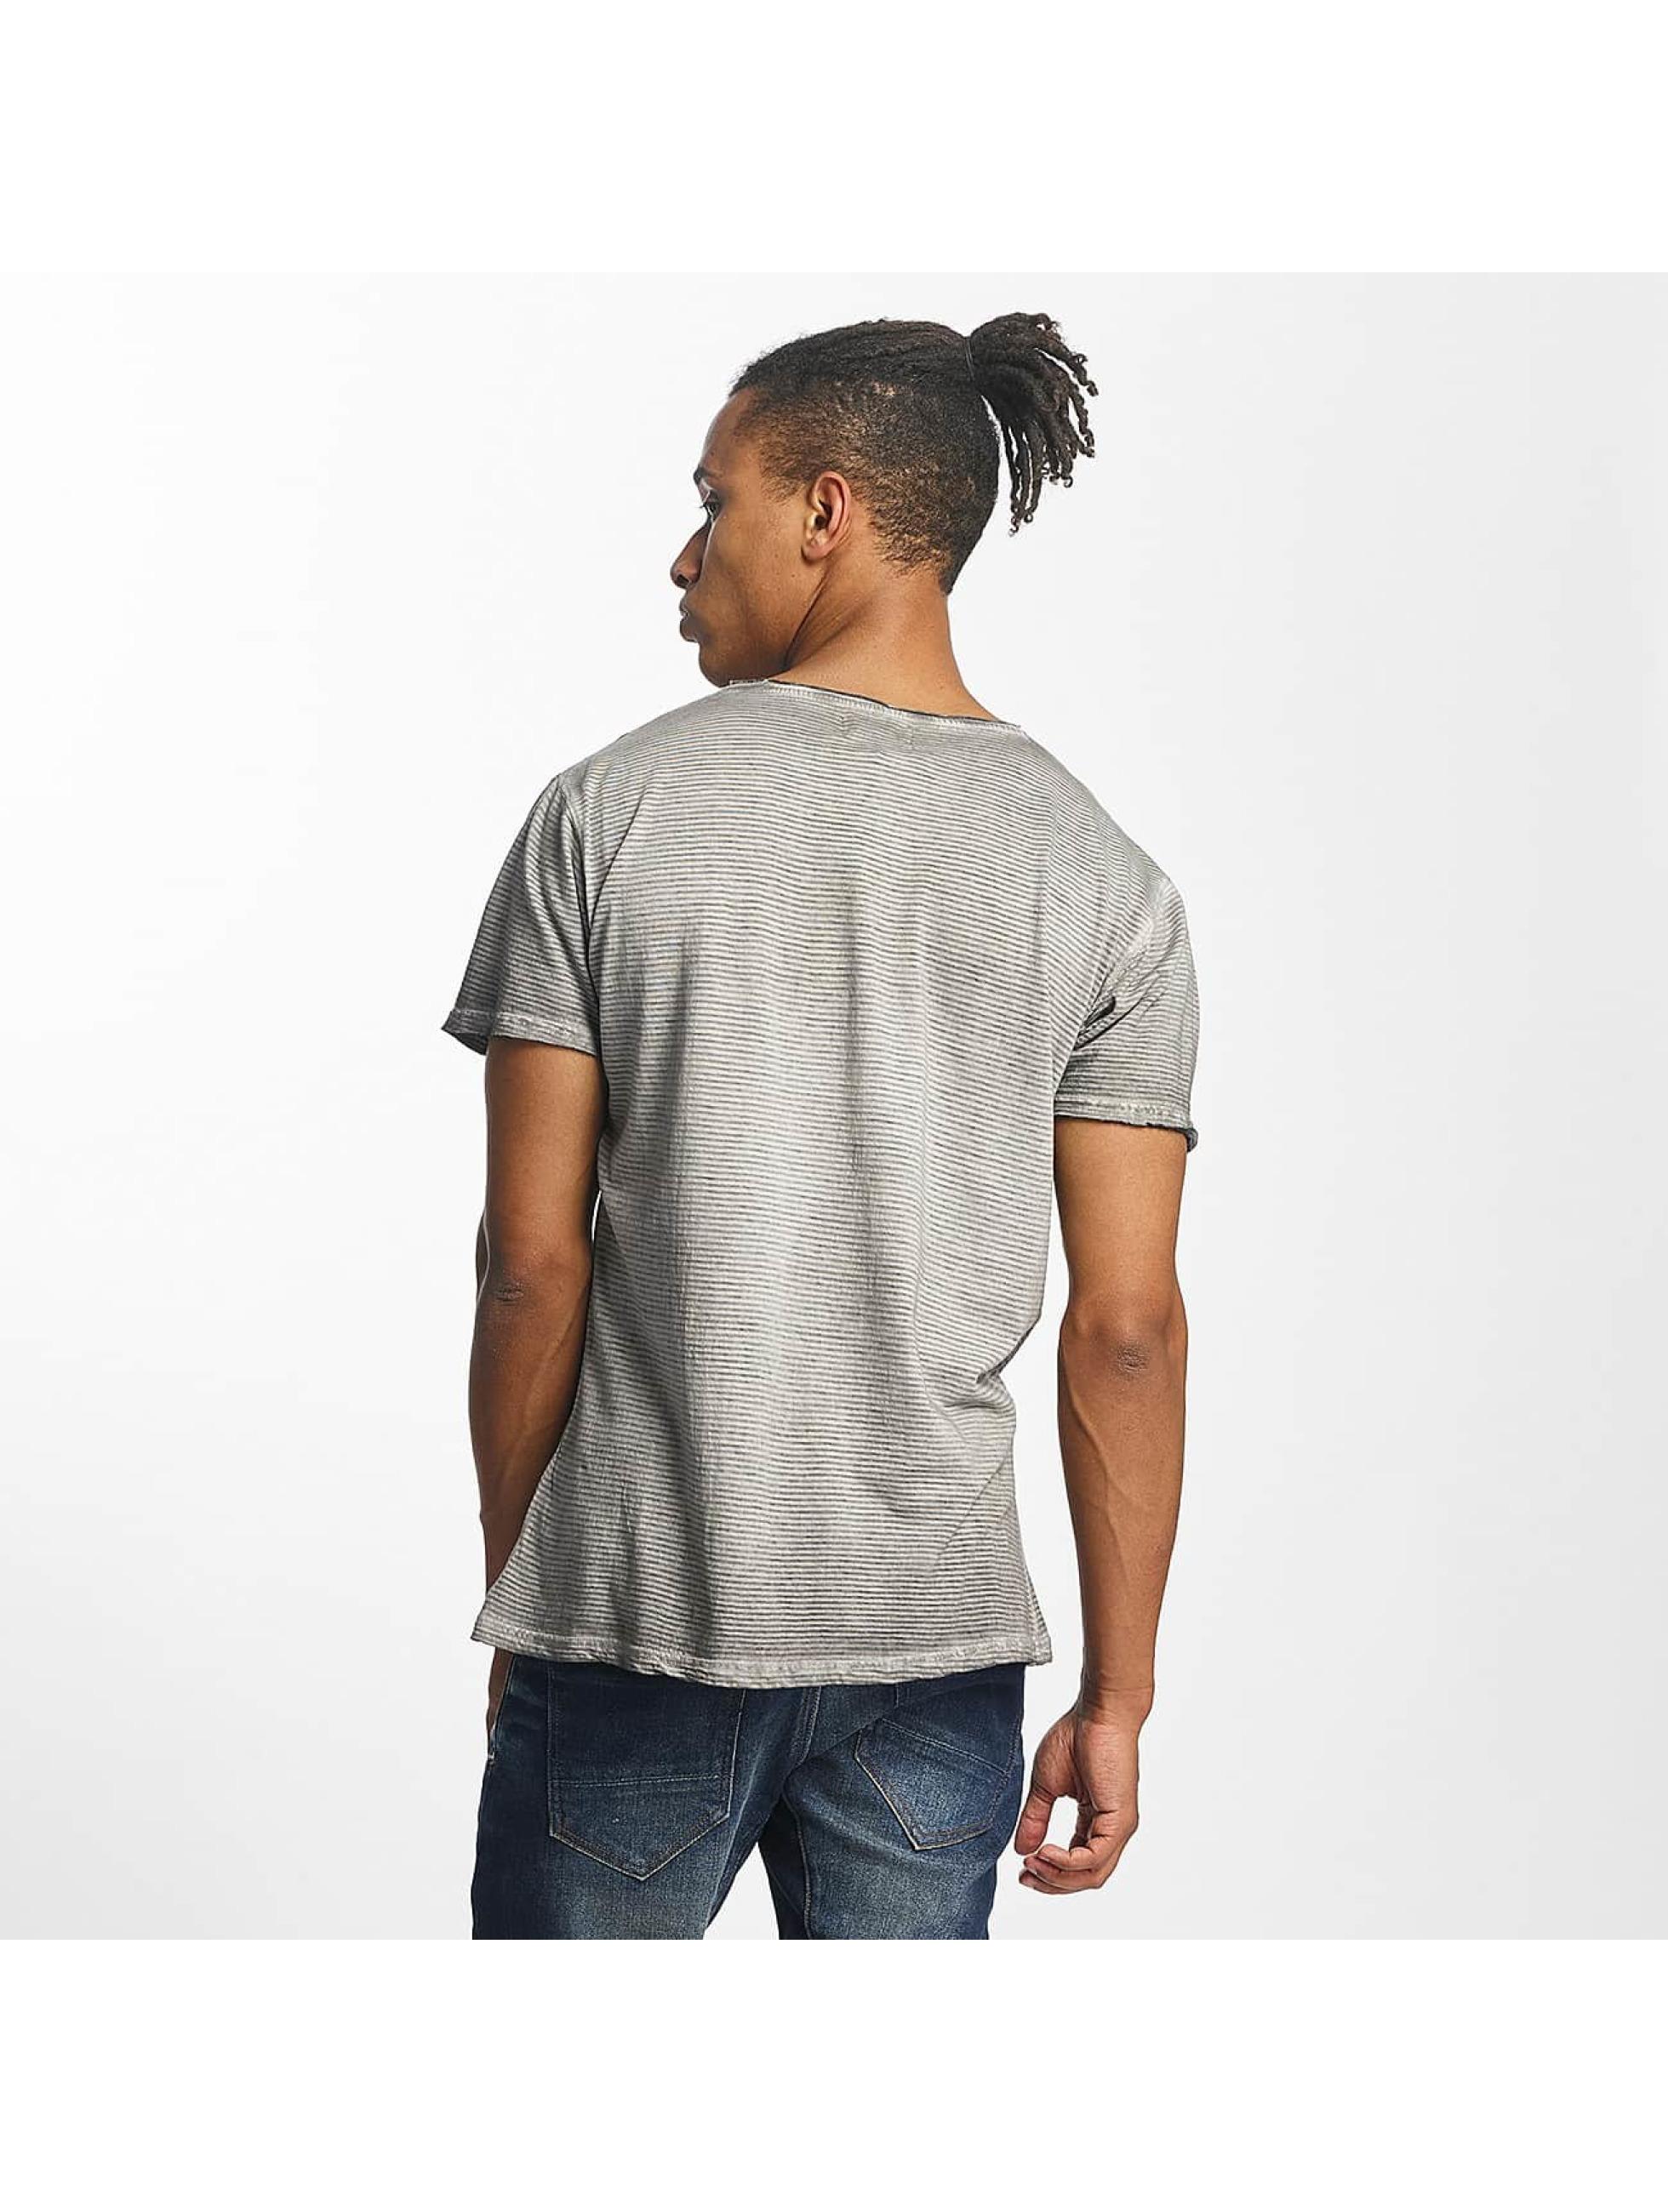 Paris Premium T-Shirt Like Nothing Else grau